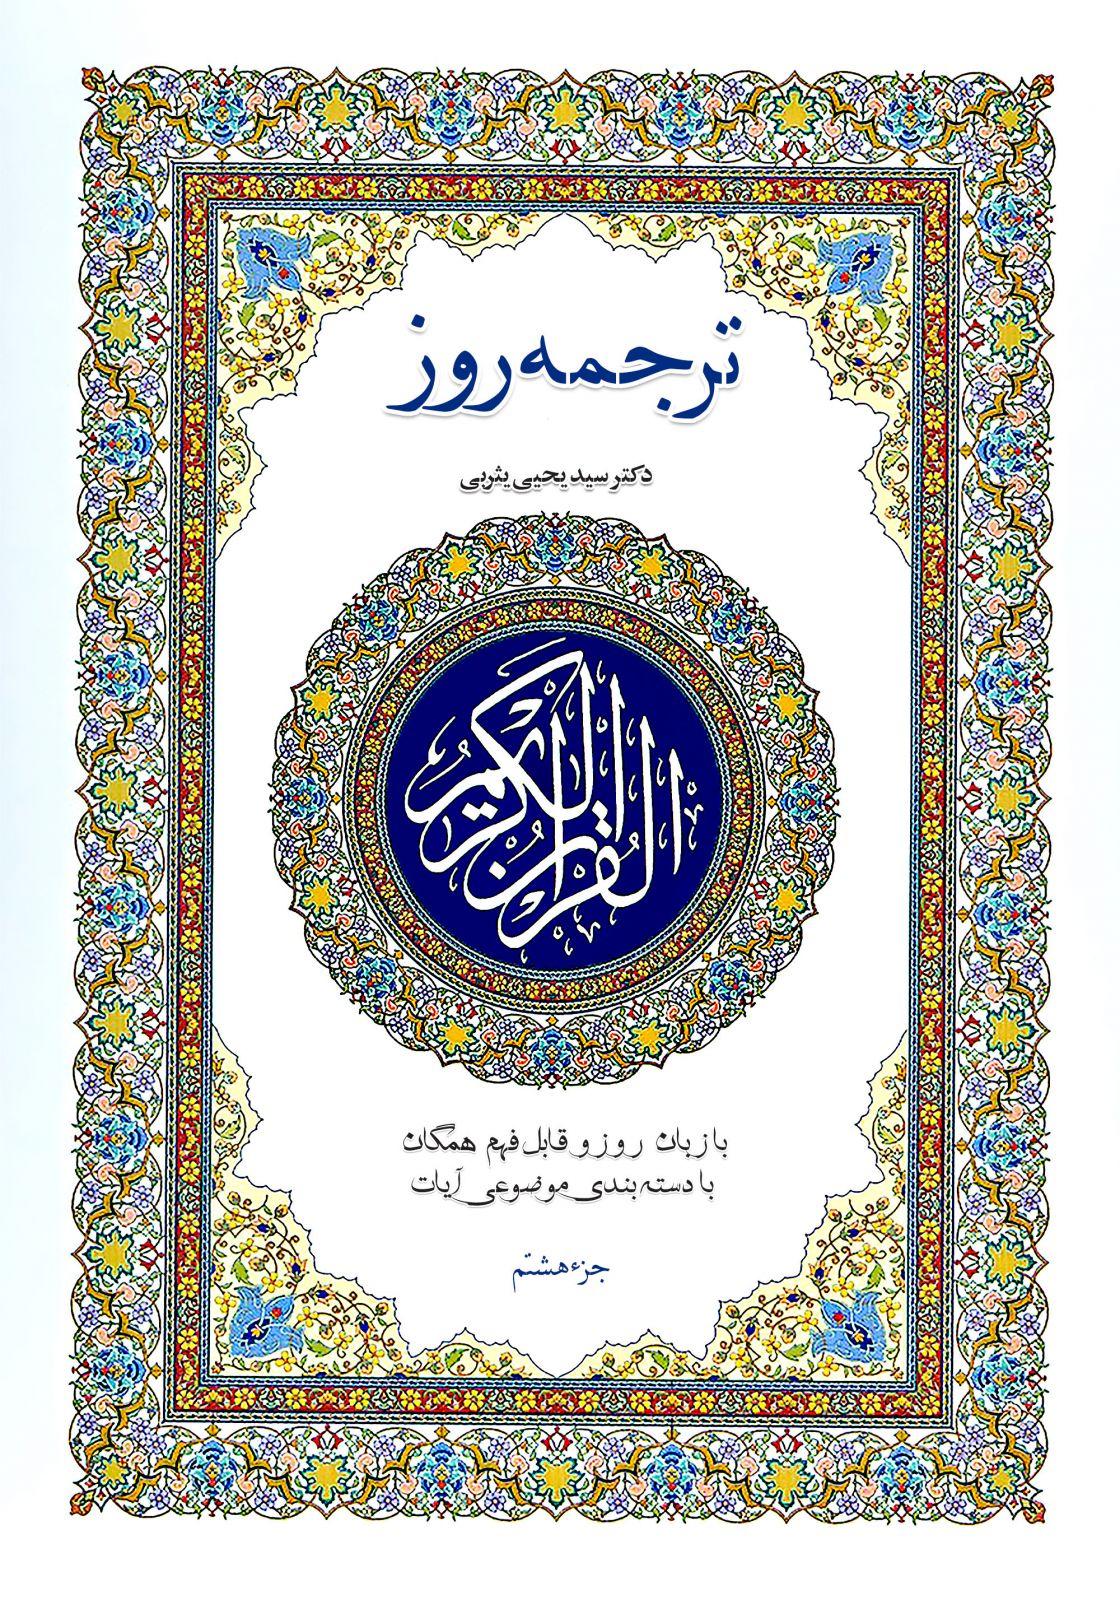 قرآن کریم (جزء هشتم)